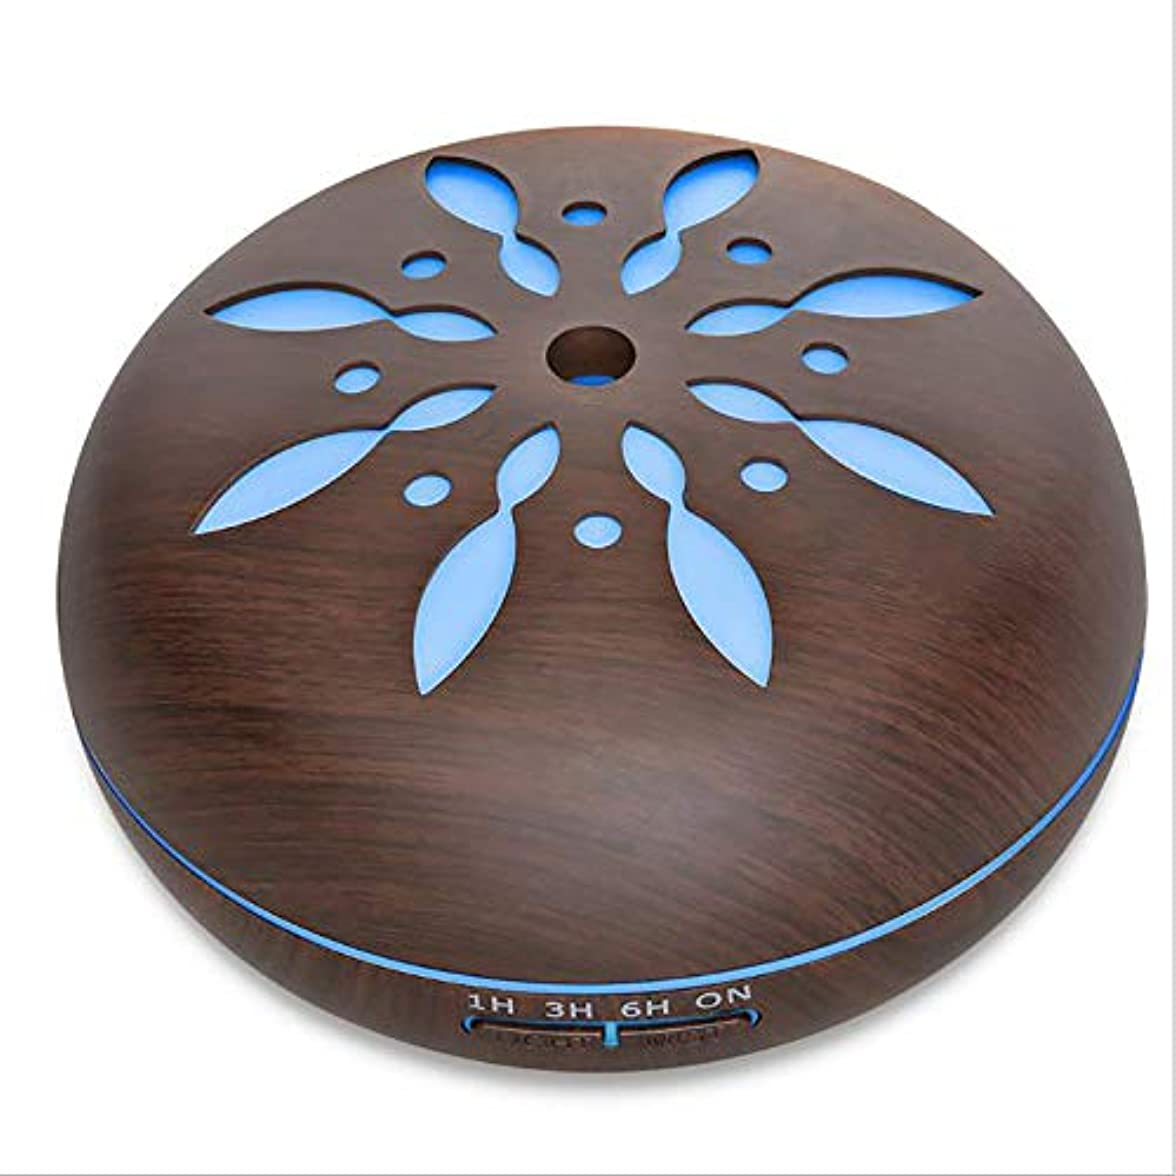 最も早い工場適性ミスト 超音波 香り ネブライザー、 電気の 香り 木製 ホーム 空気 加湿器、 550ml リモコン 木地 アロマテラピー エッセンシャルオイル 香り ディフューザー,Petals1dark